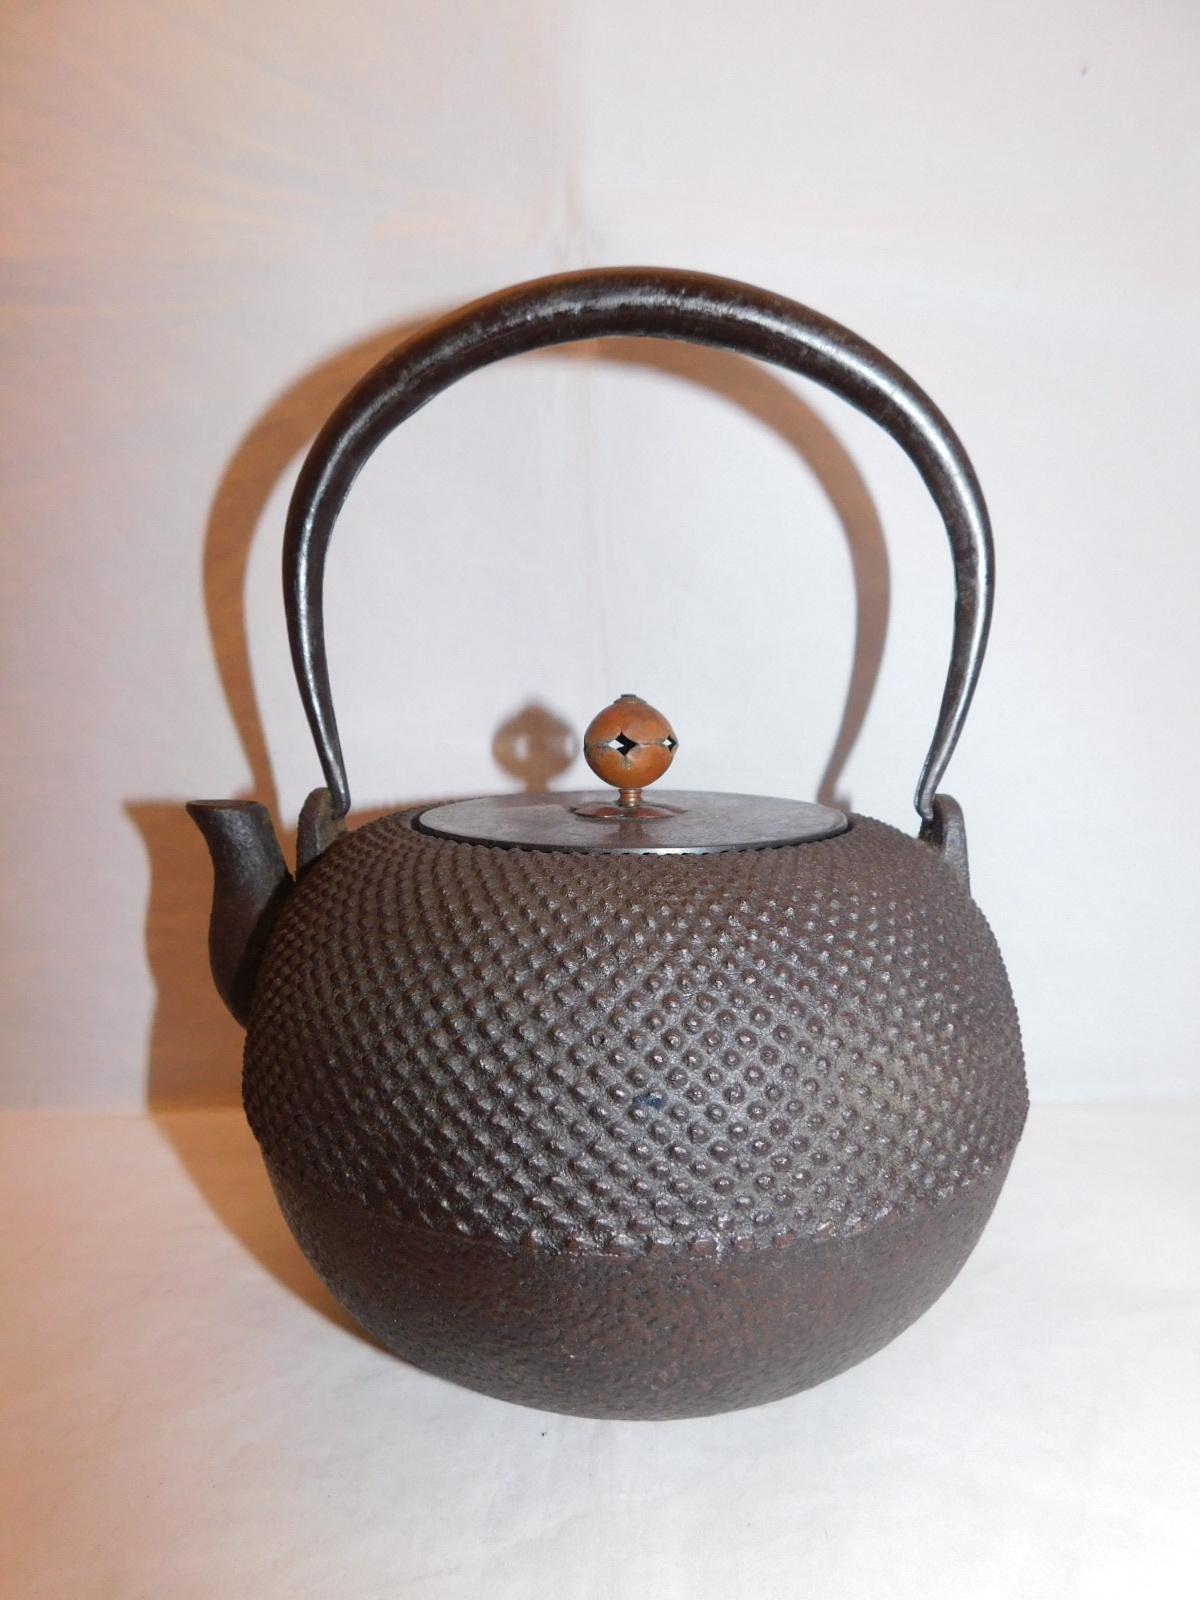 鉄瓶(こげ茶、あられ) iron kettle(brown color hail)(No23)